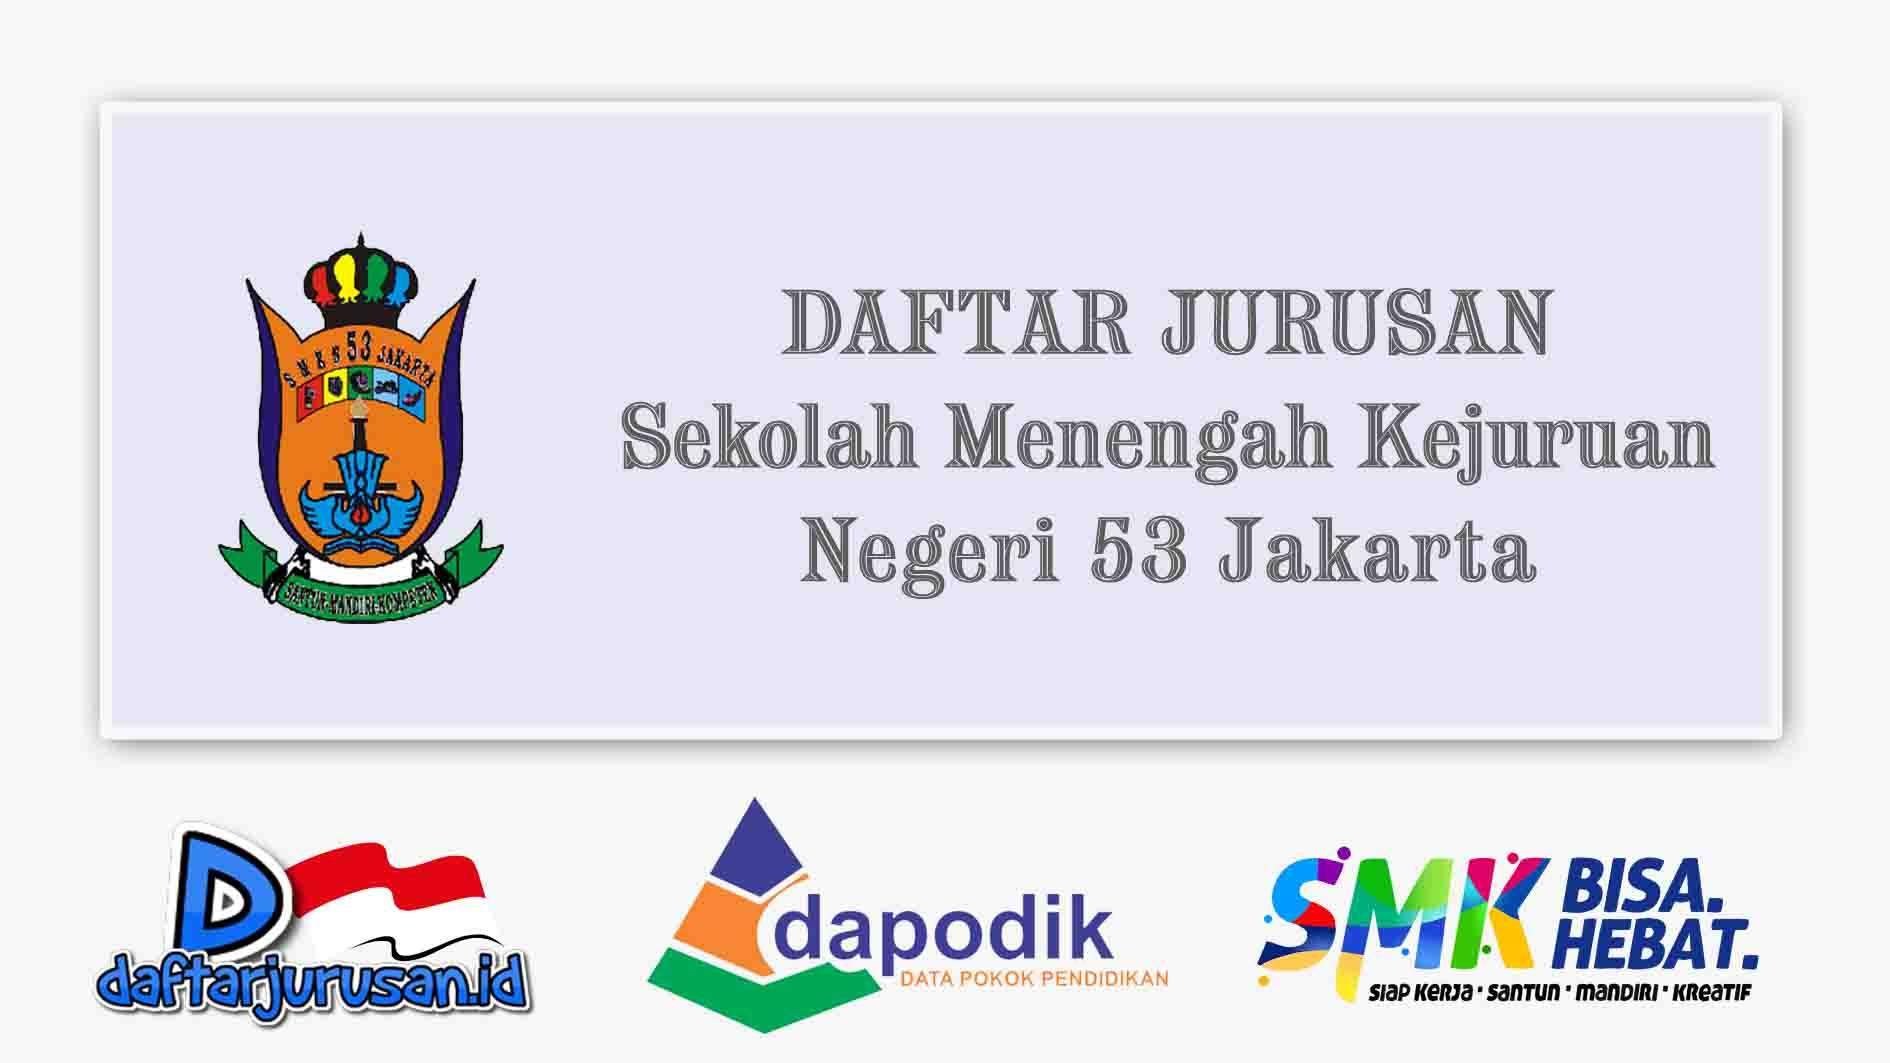 Daftar Jurusan SMK Negeri 53 Jakarta Barat